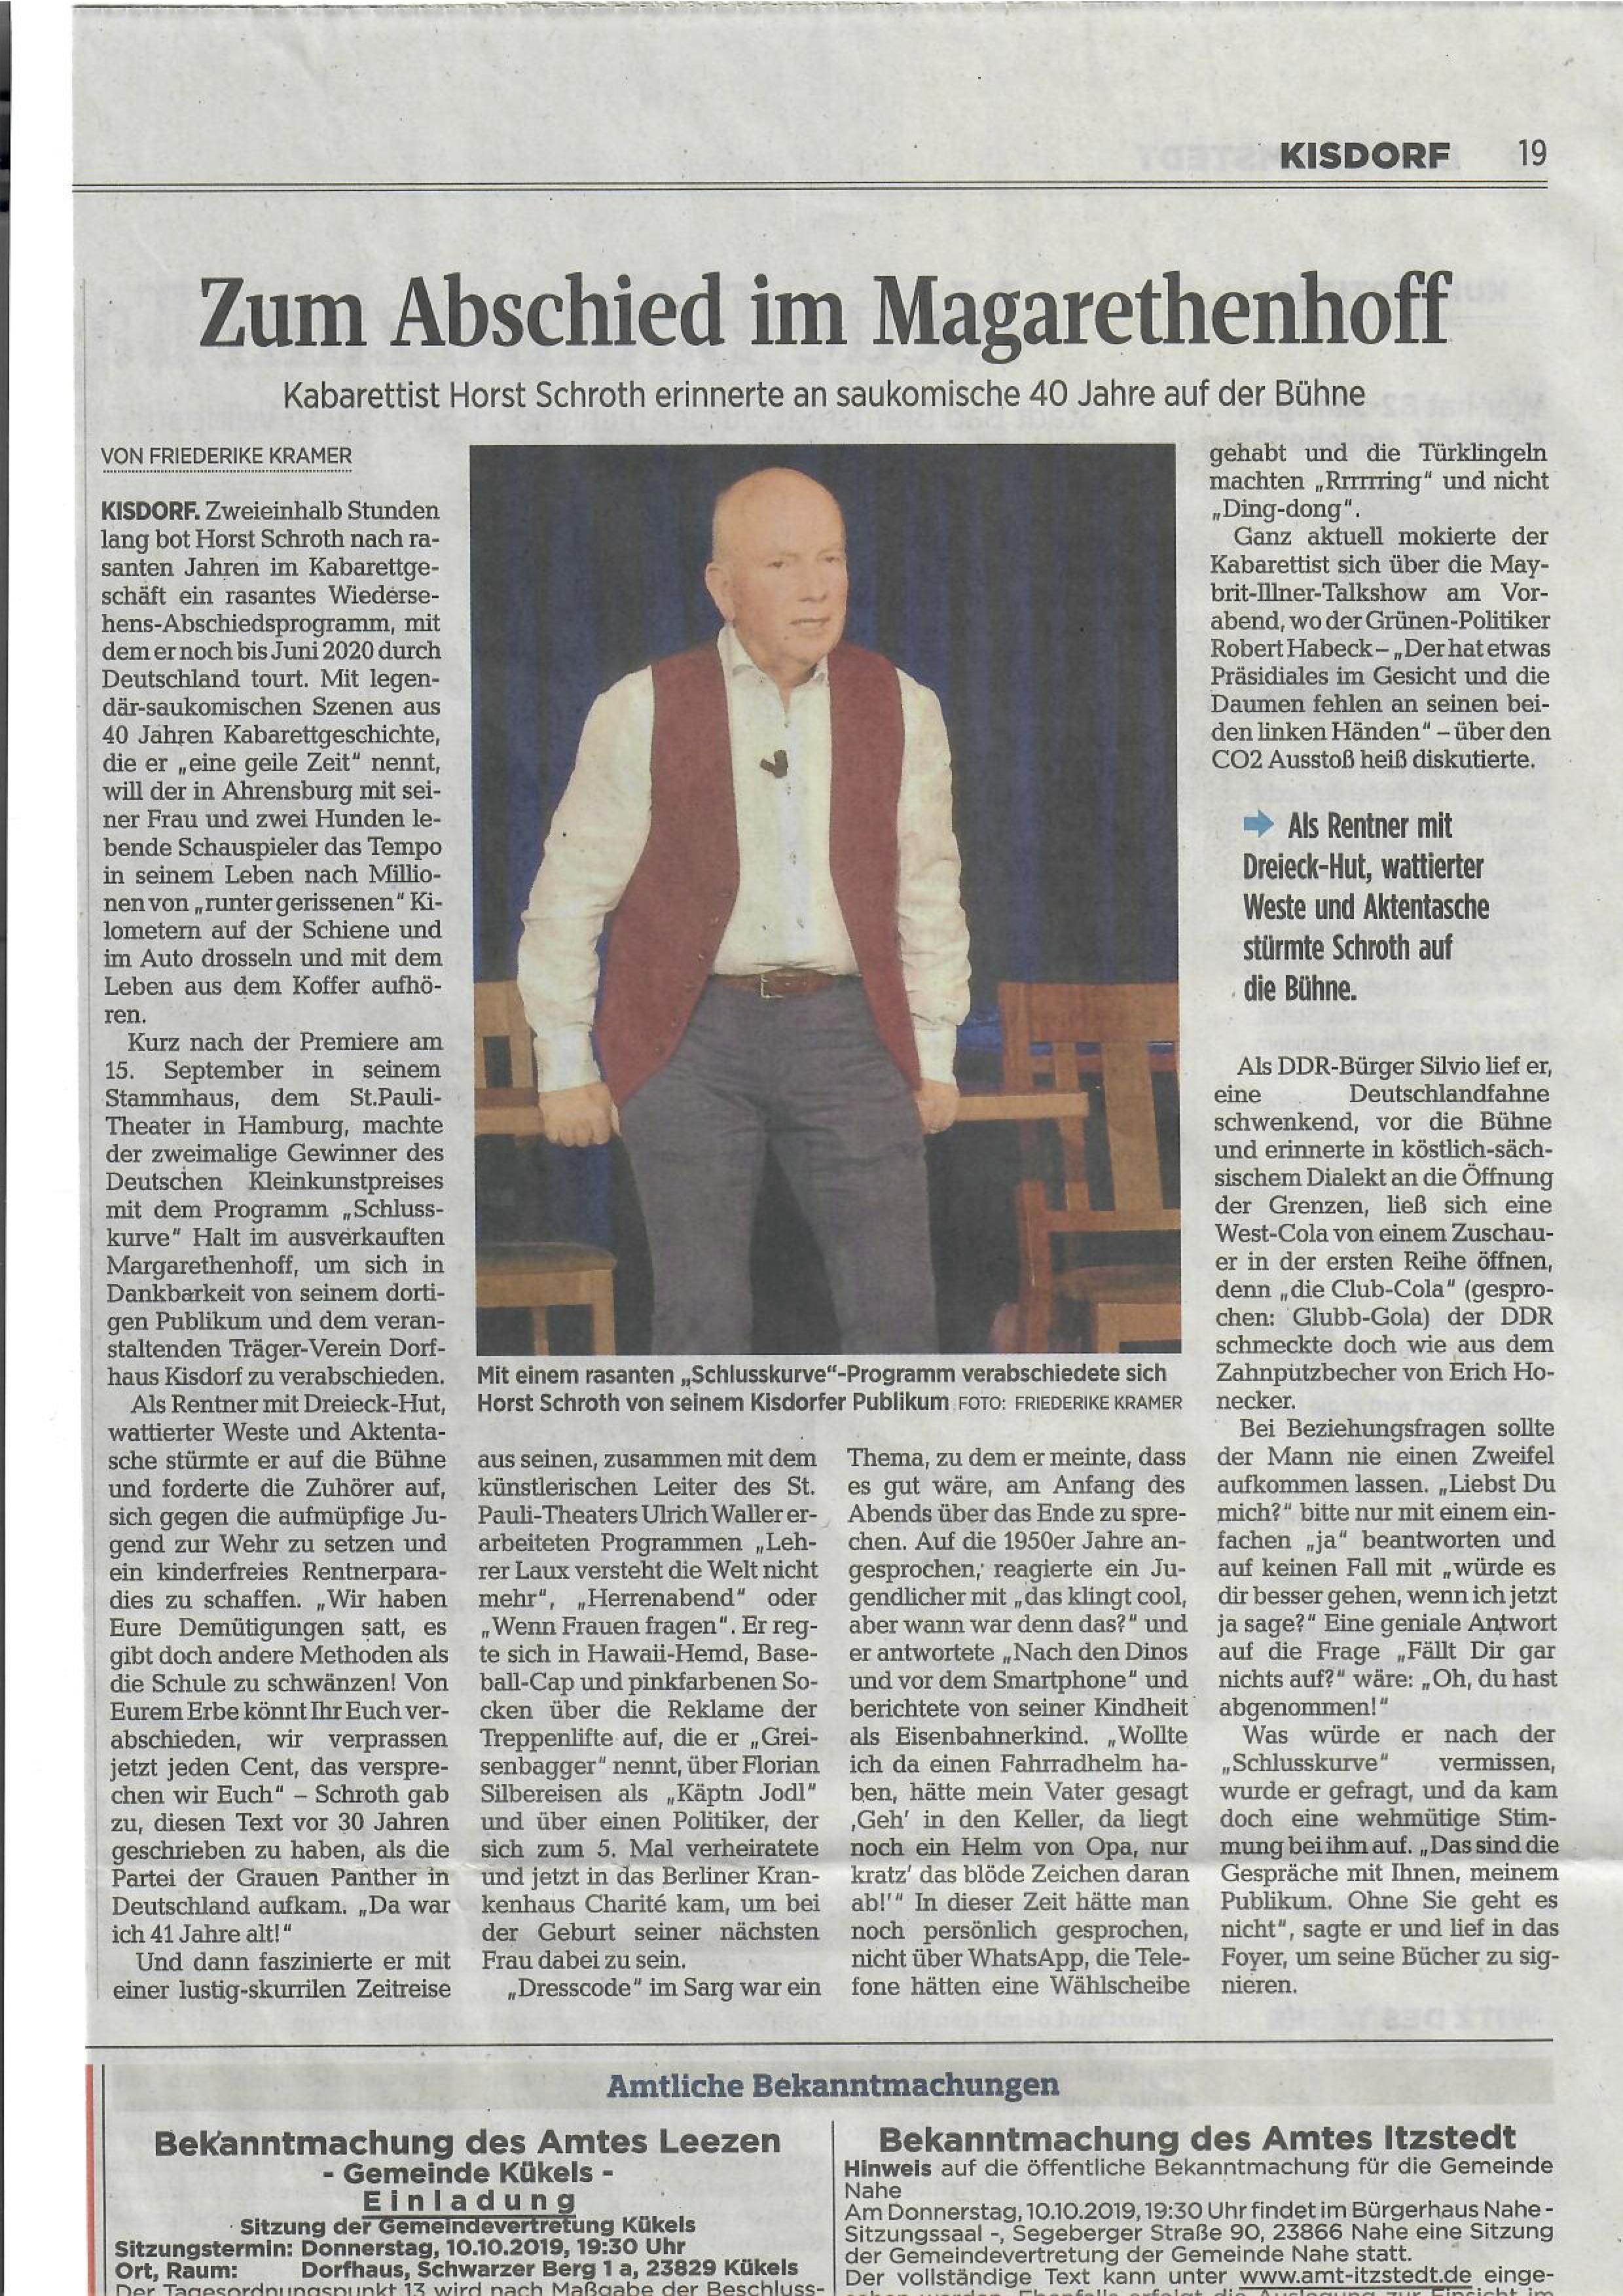 Segeberger Zeitung / Kieler Nachrichten vom 30.09.2019